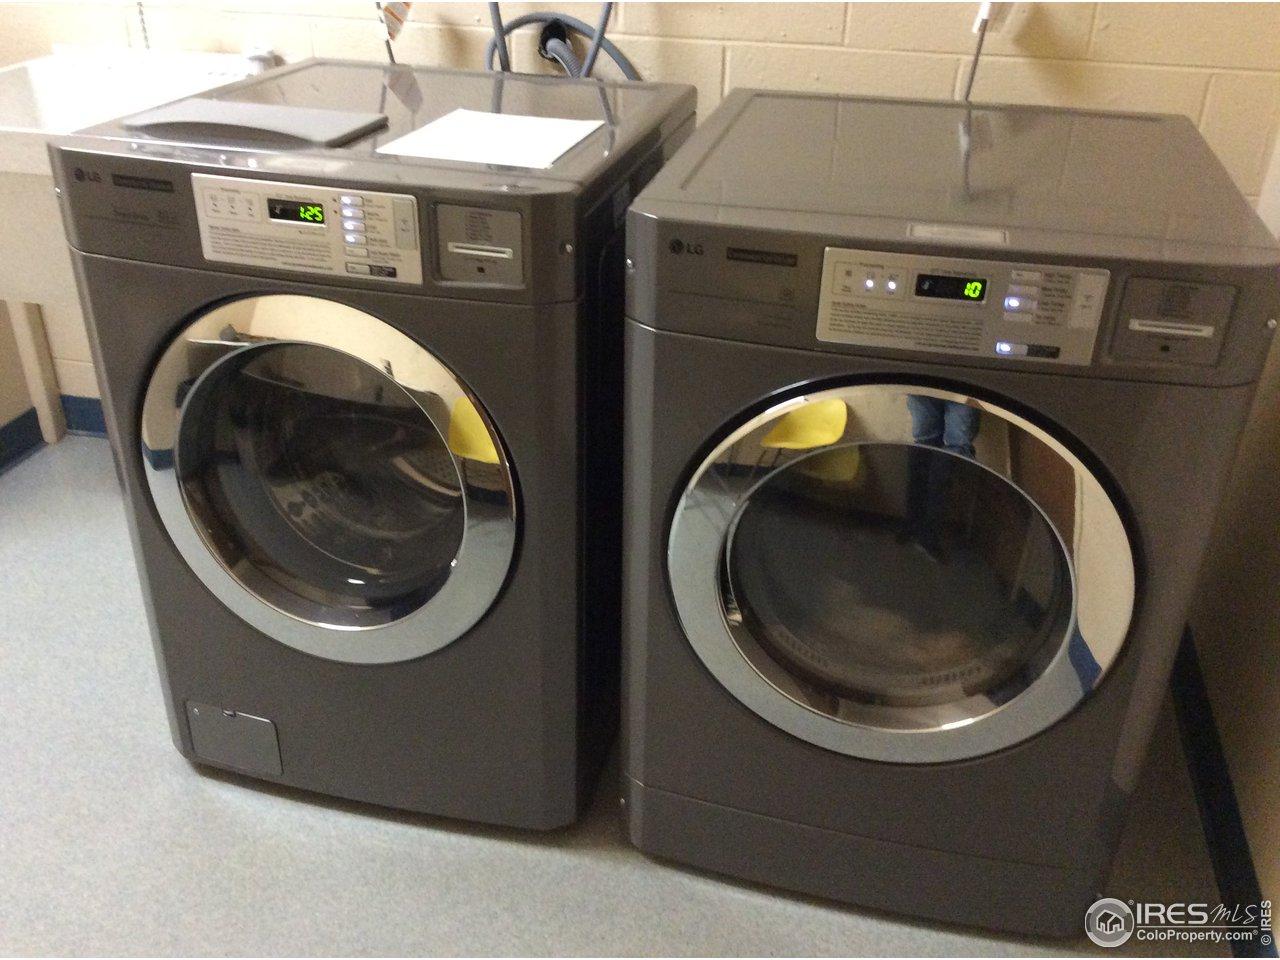 High-End Laundry on Each Floor